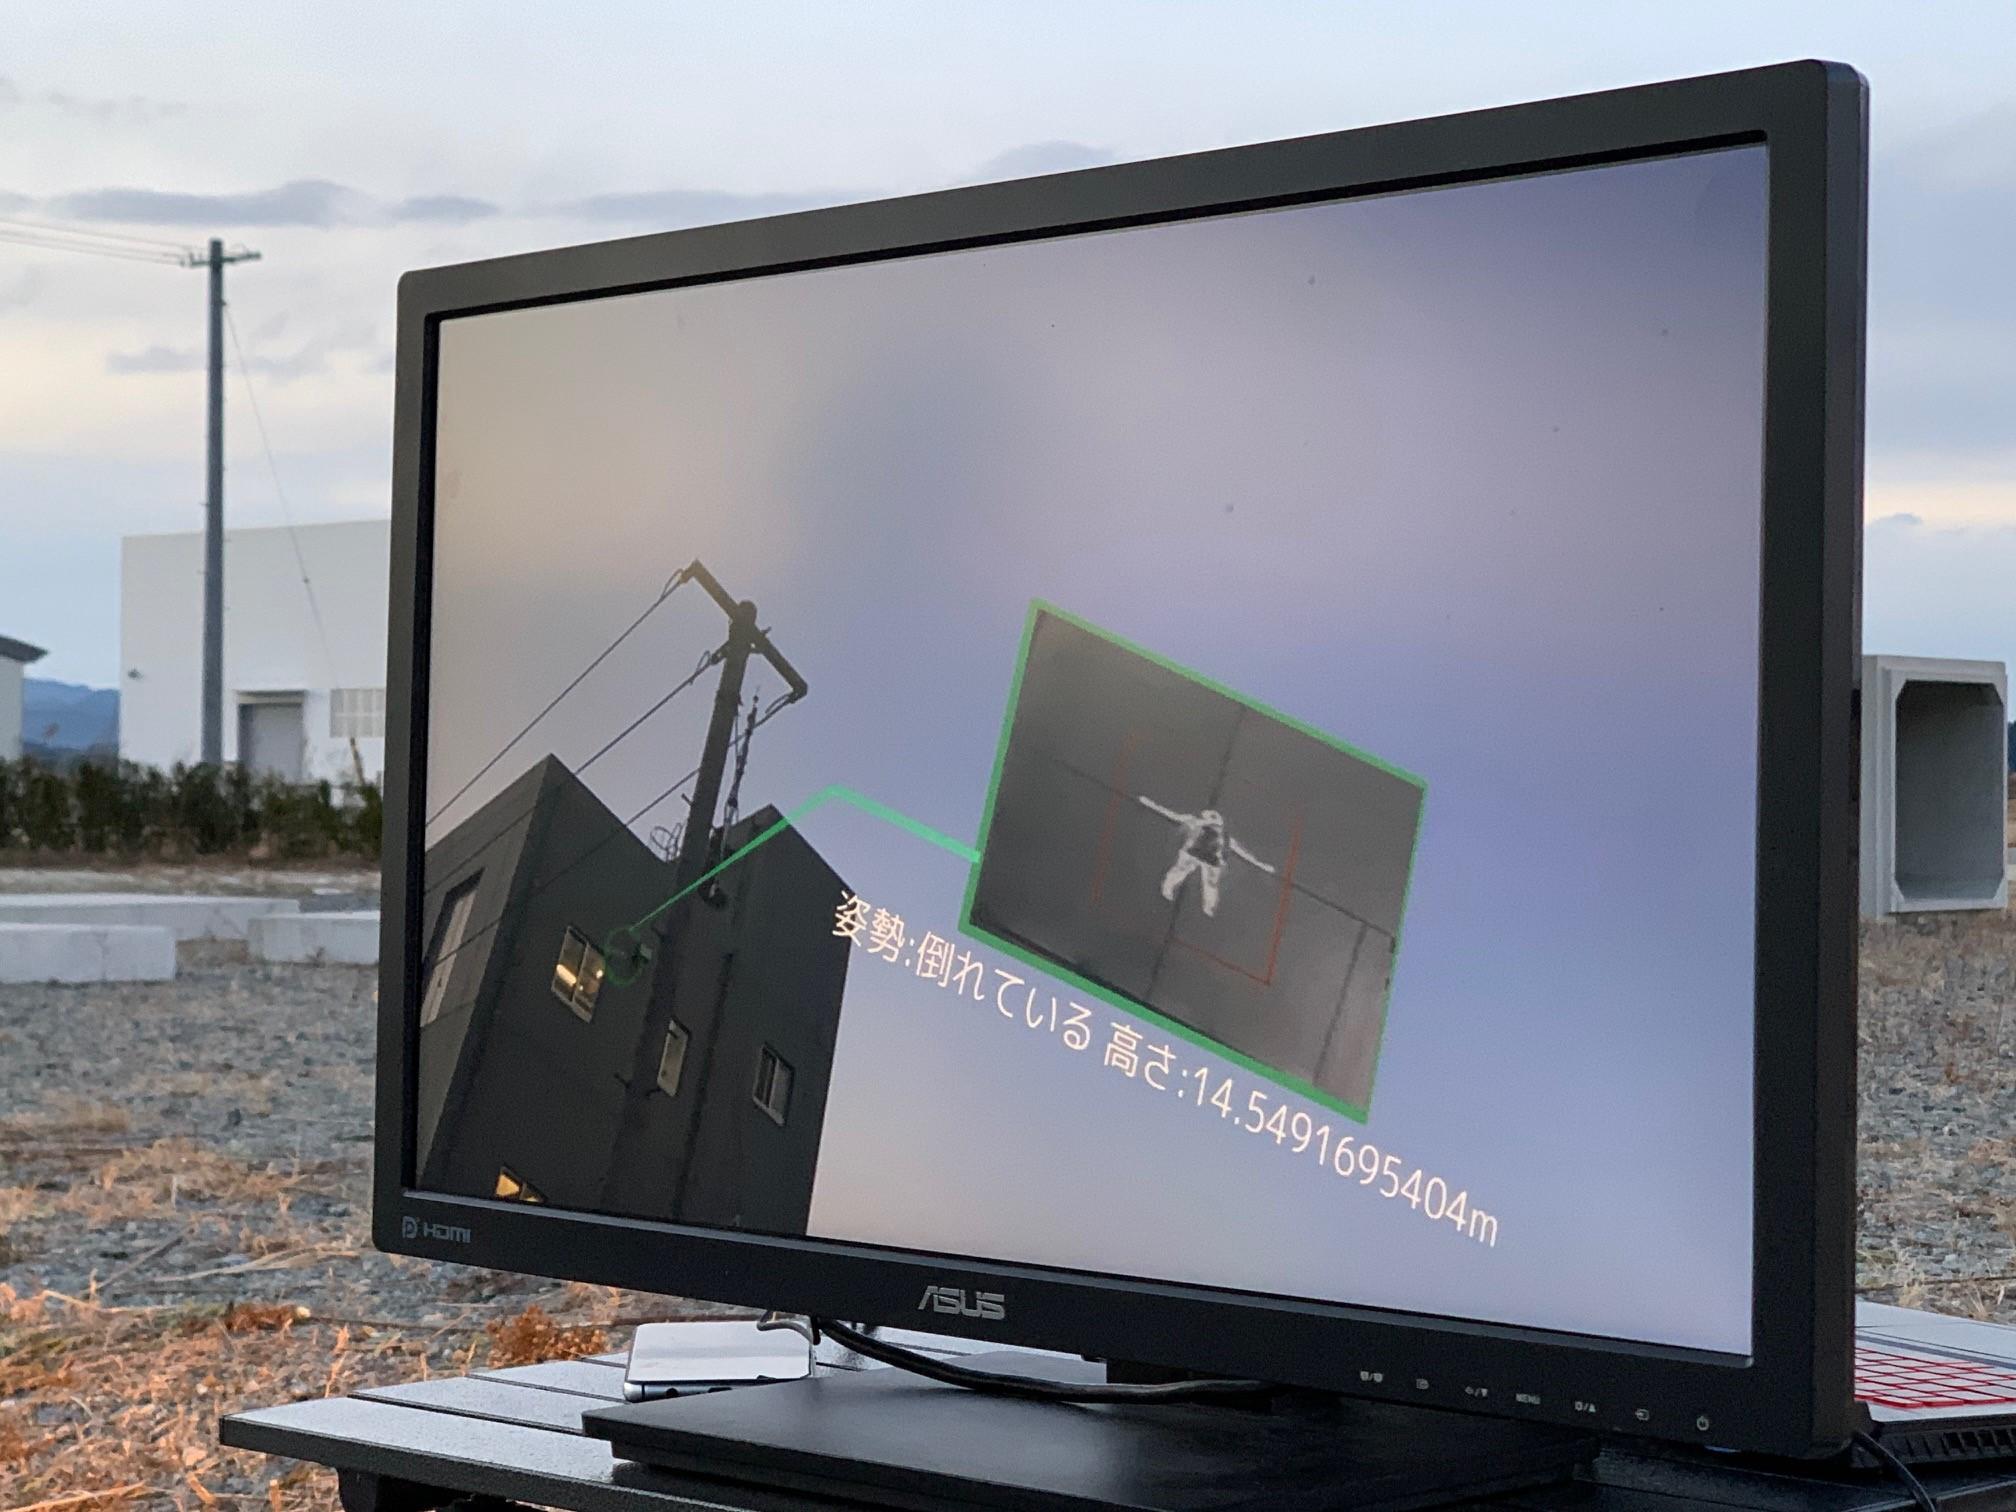 ロックガレッジがドローン、AI、MRの融合技術を実験 災害時の捜索で「1秒でも早く」を支援